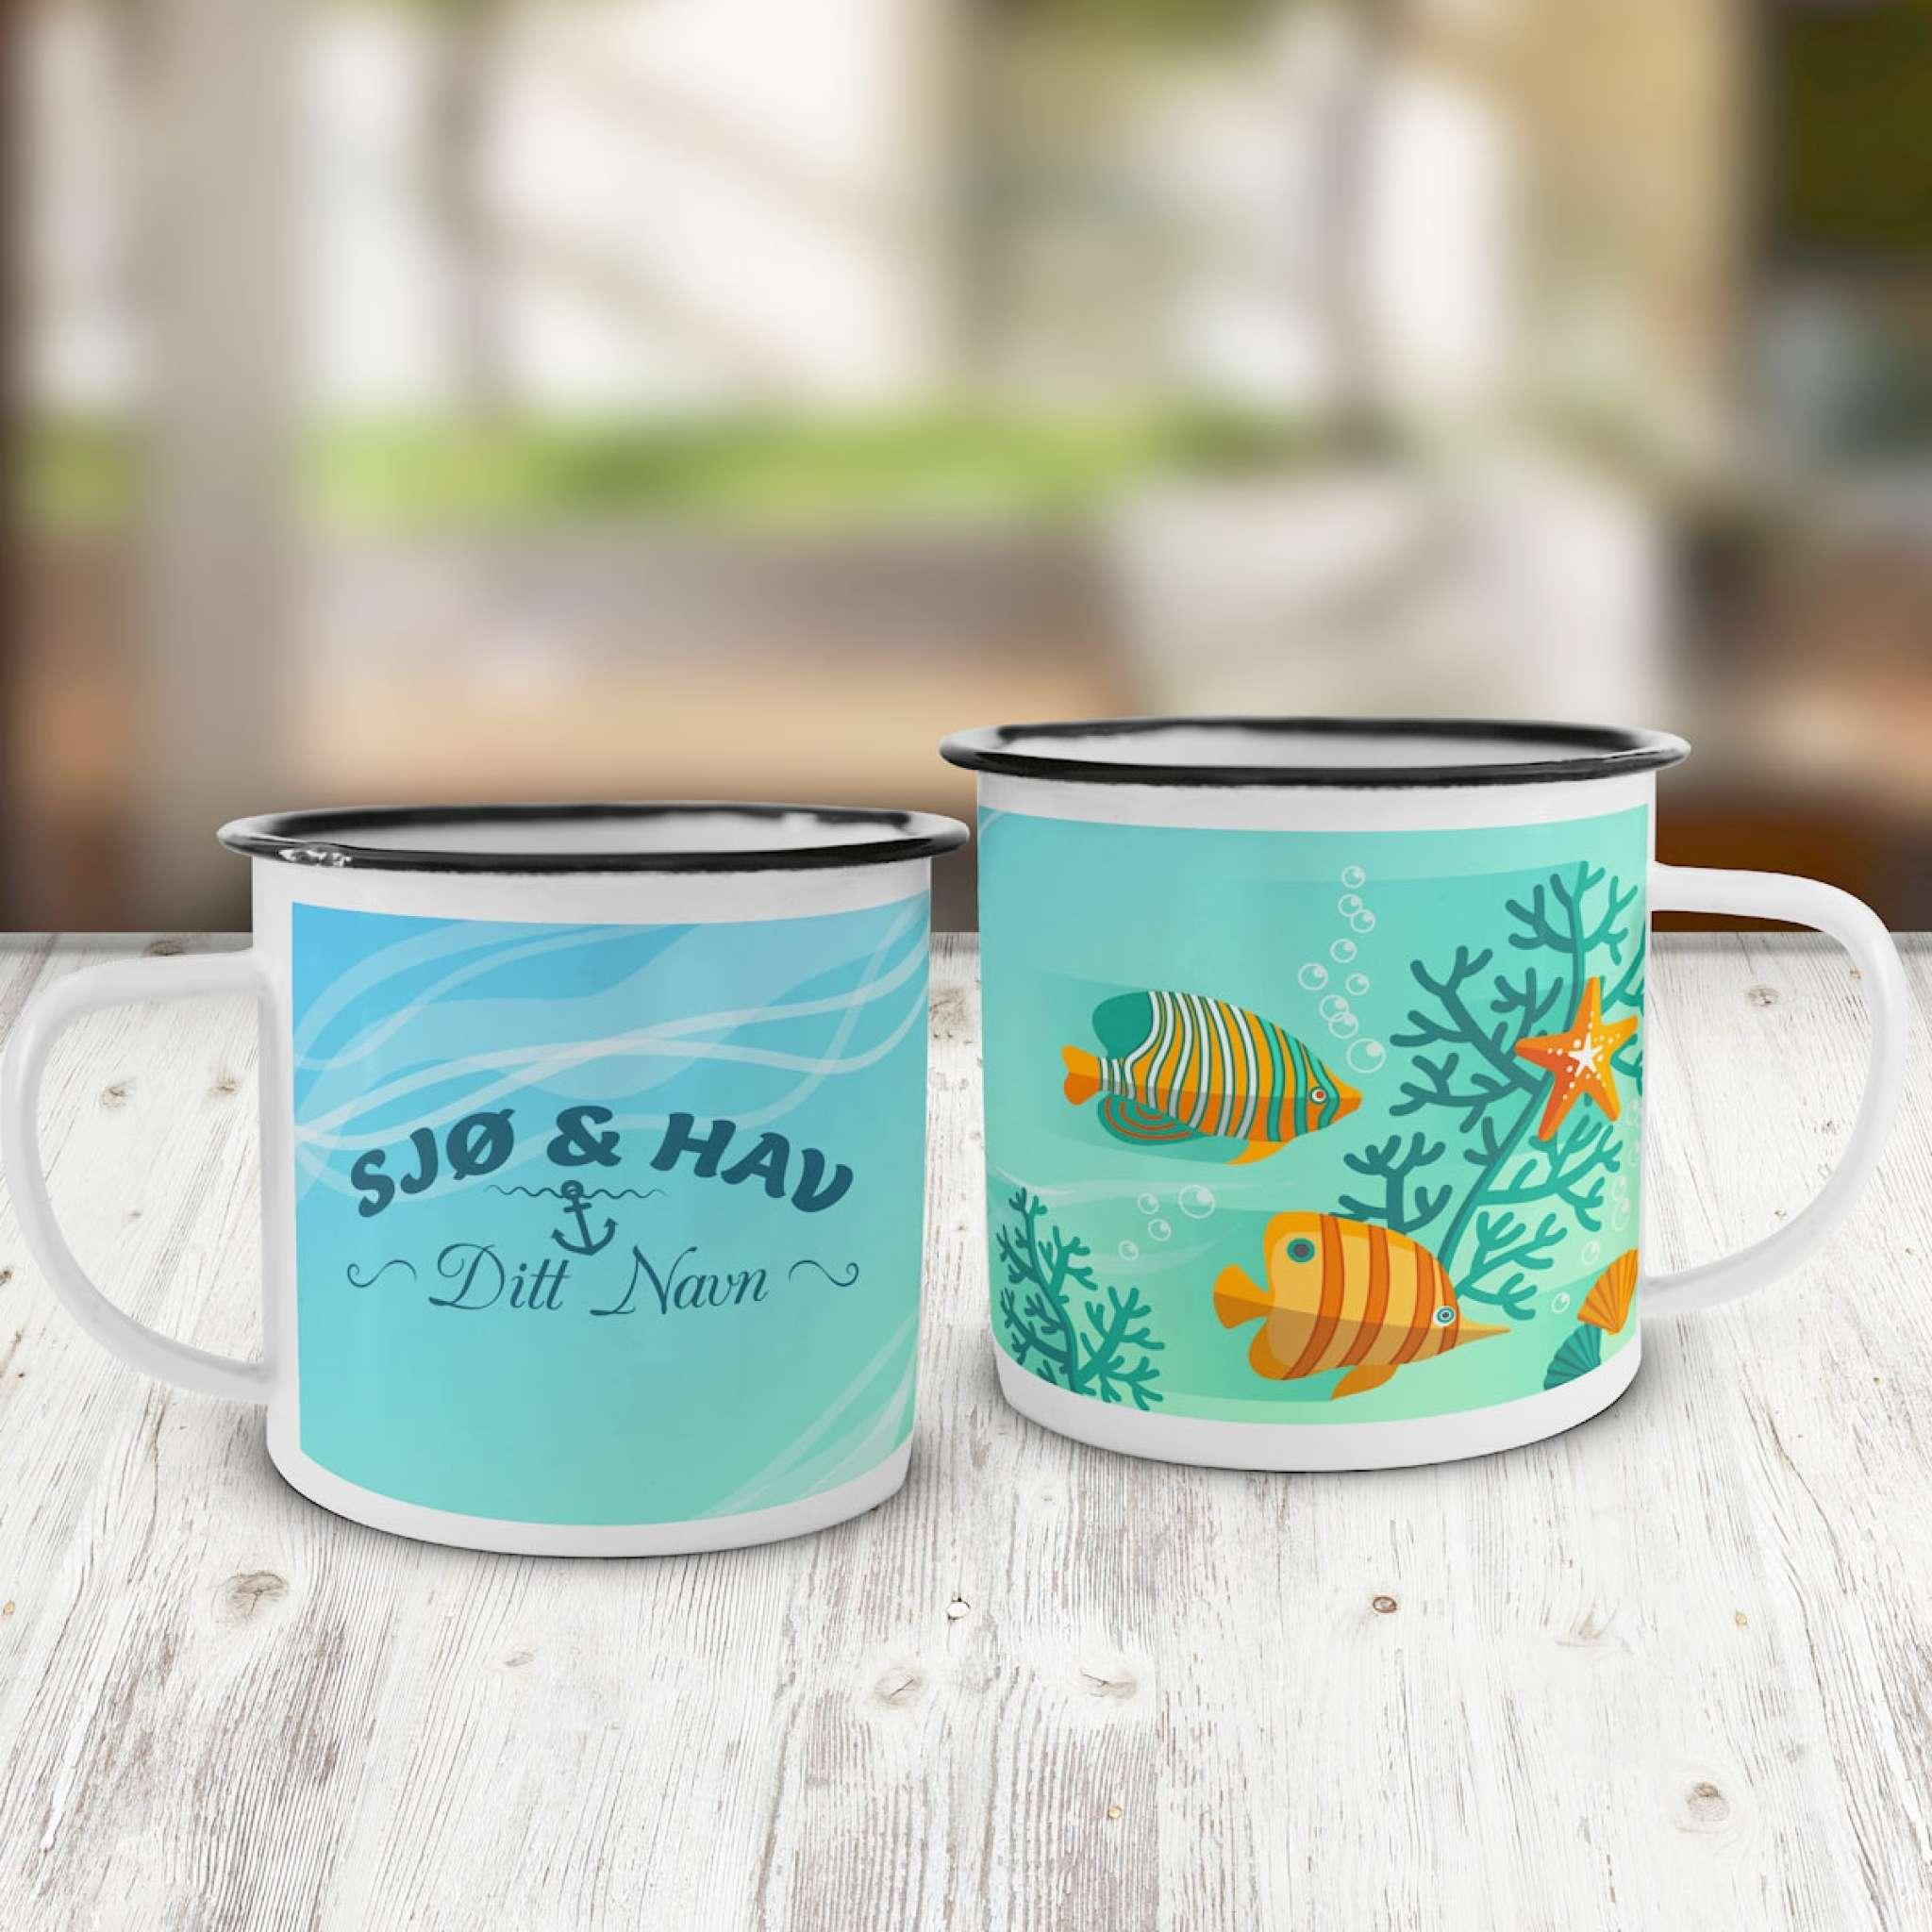 Emaljekopp, Sjø og hav